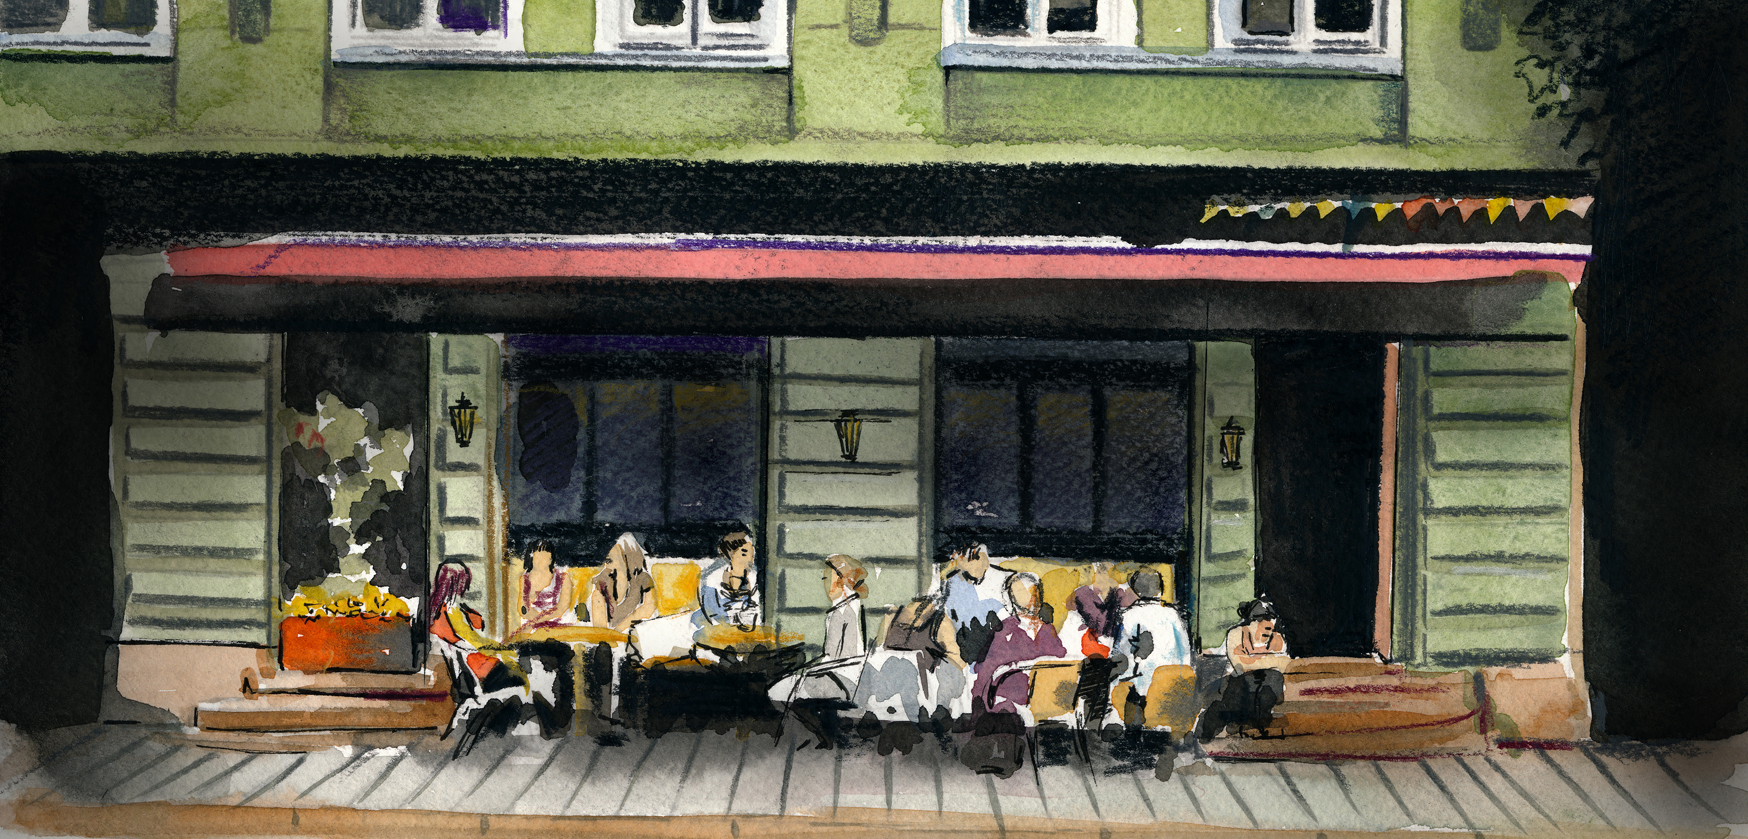 Kafe_s.jpg